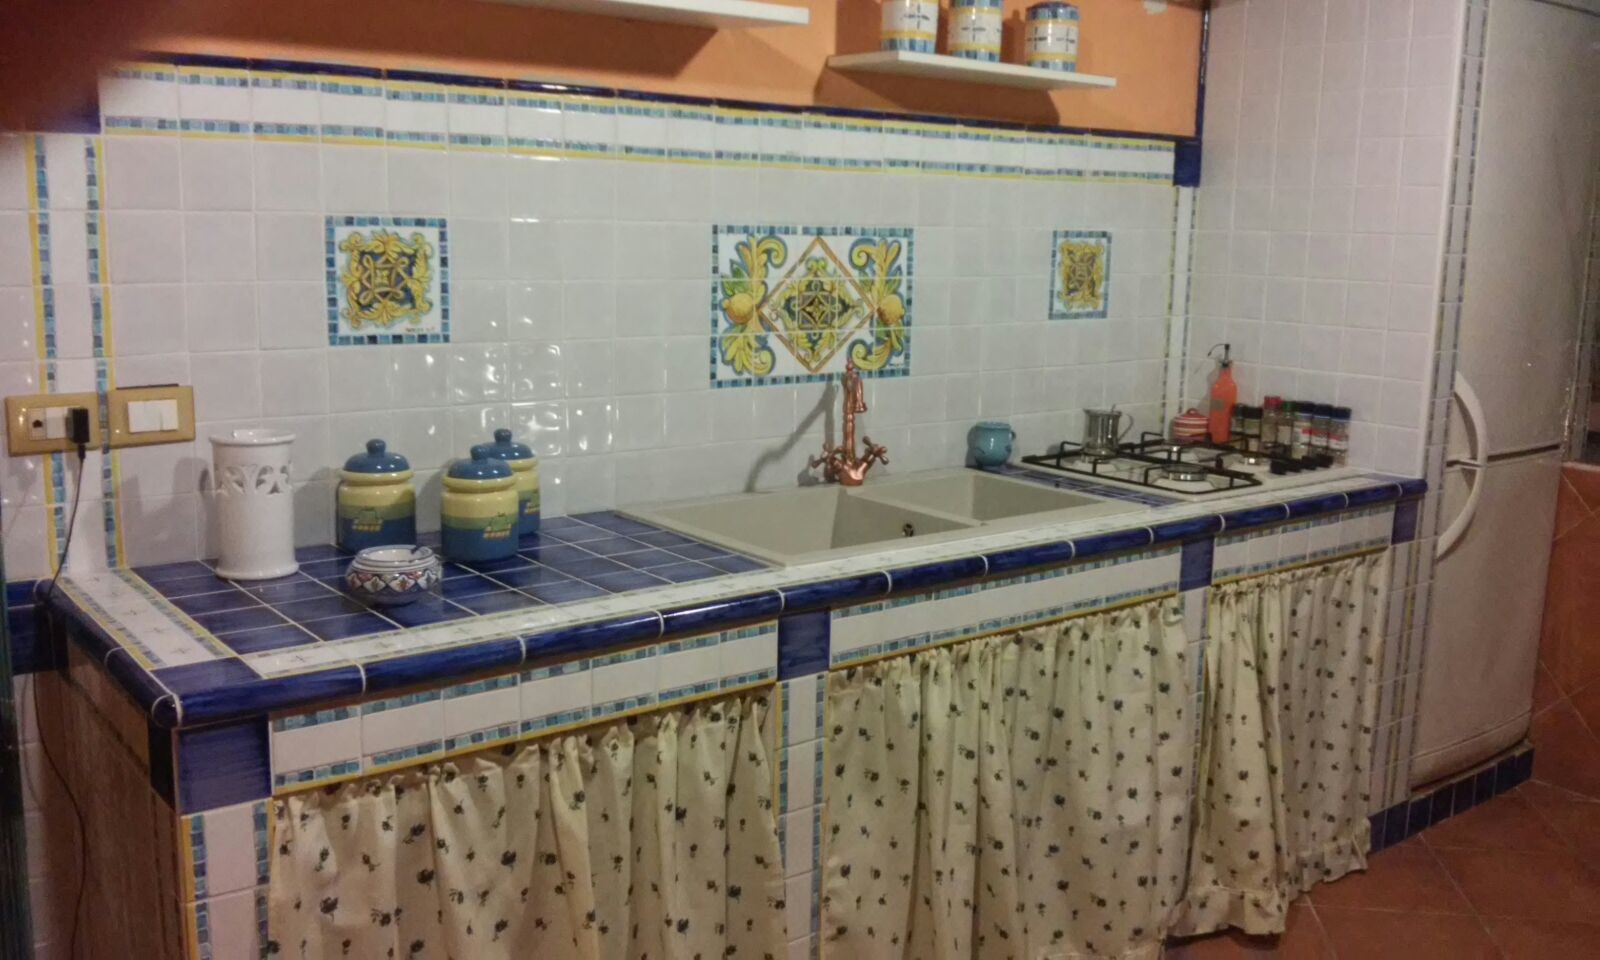 Cucina in muratura, con quadri su piastrelle, vista frontale